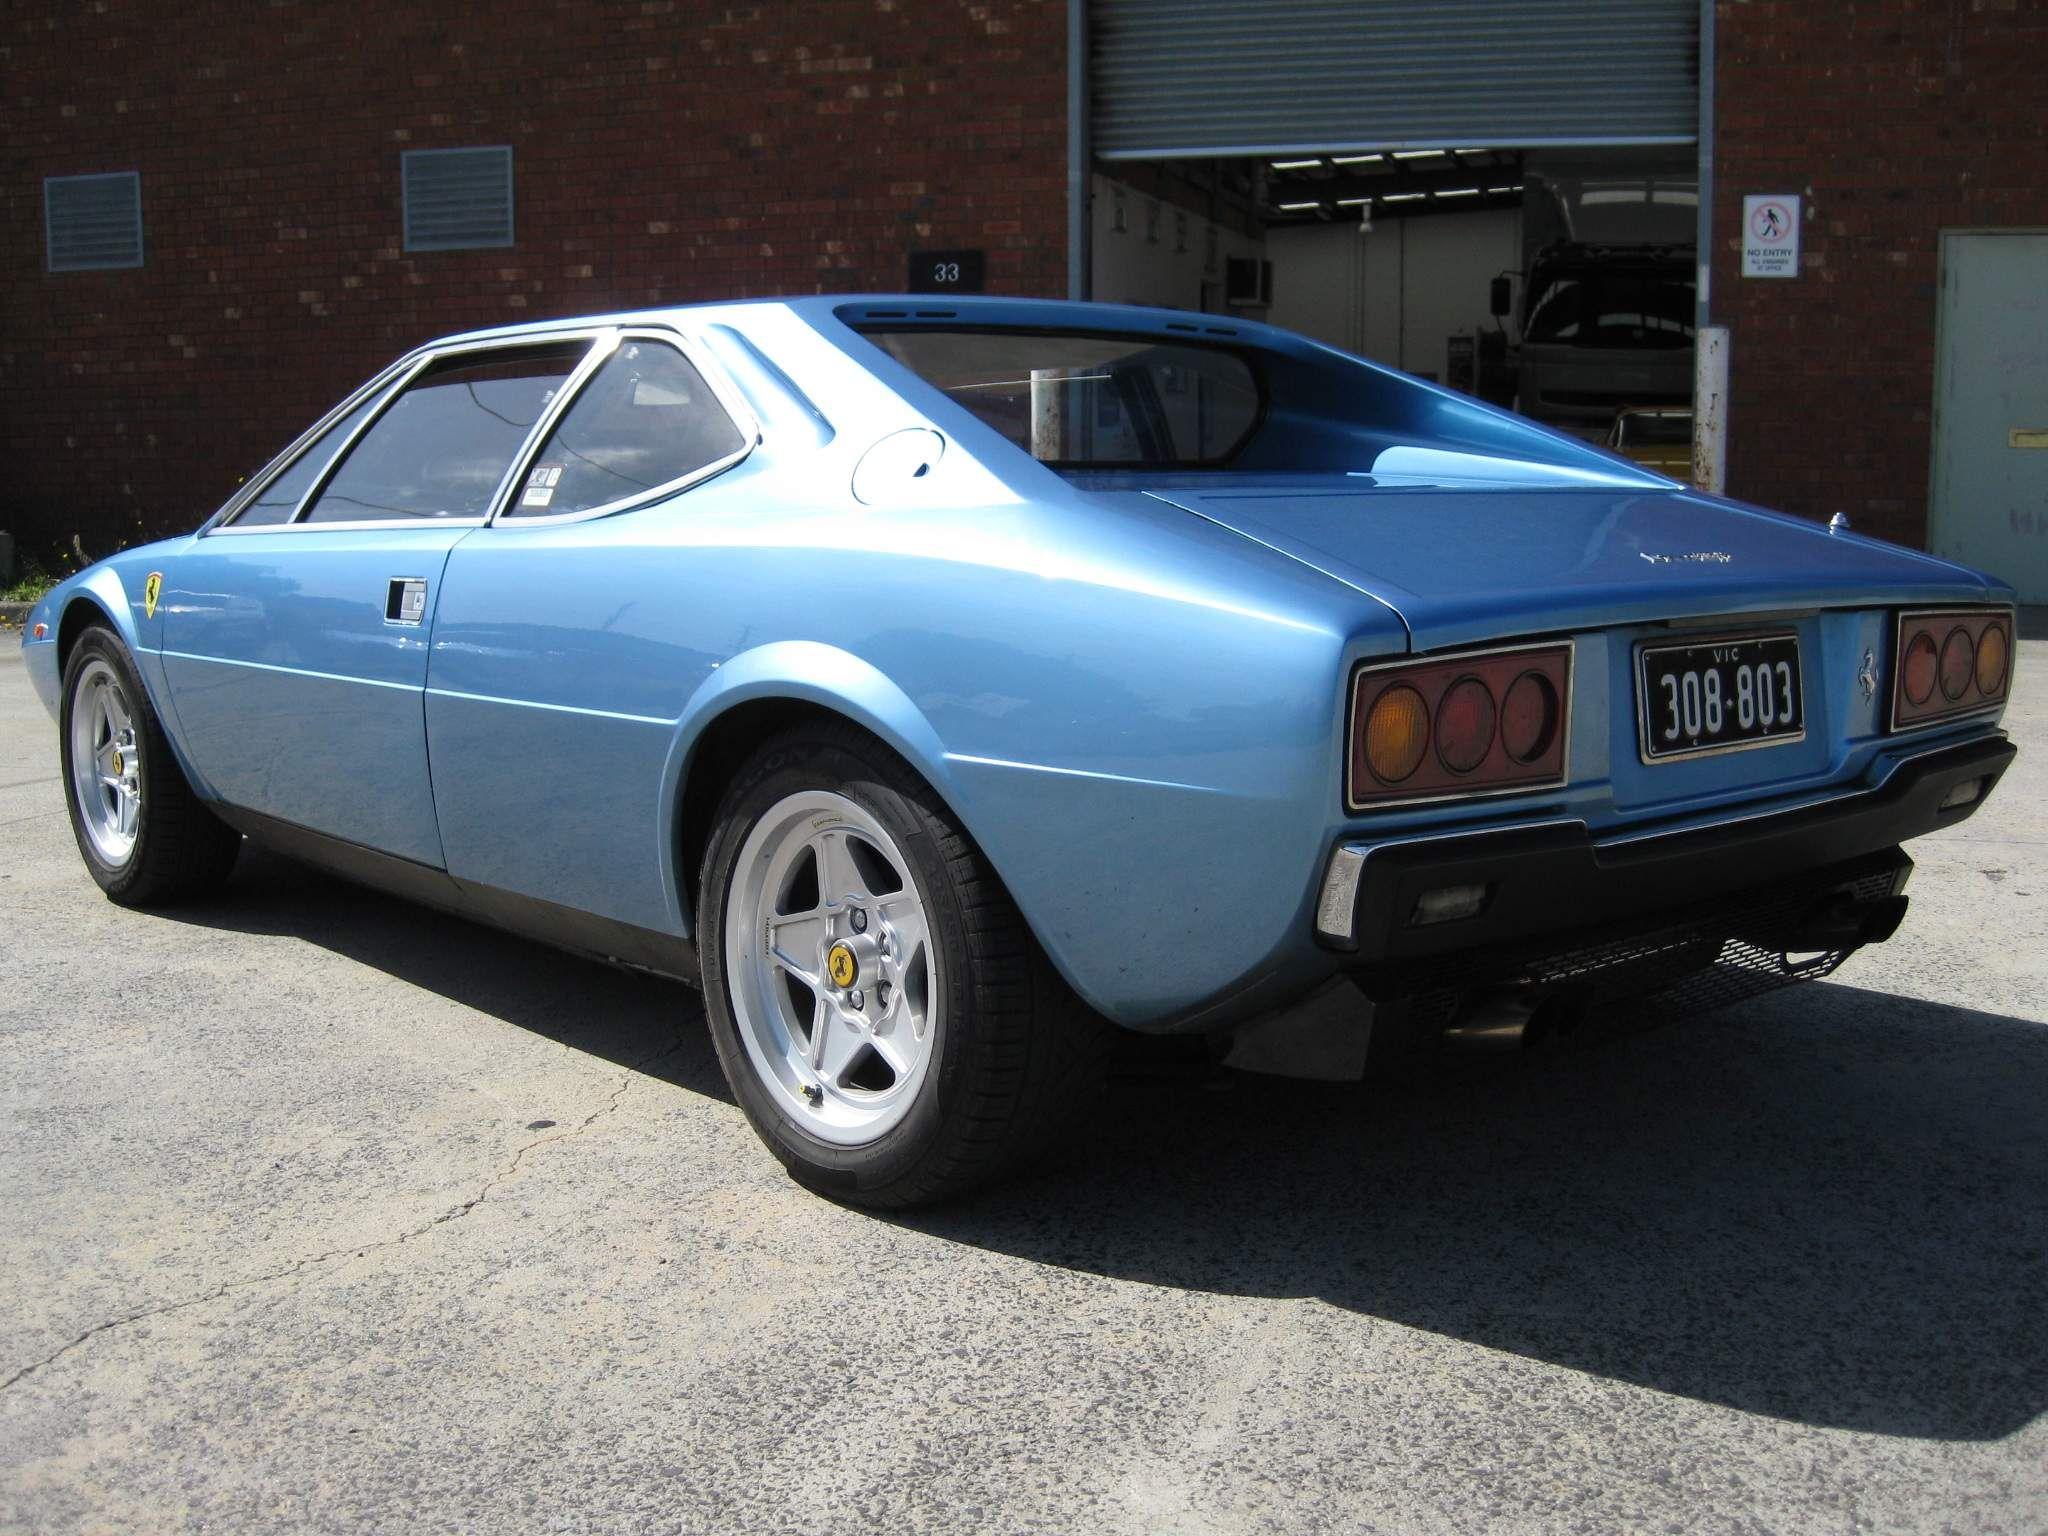 3233aec2c6b59ccef001d037638890d1 Terrific Ferrari Mondial Cabrio In Vendita Cars Trend